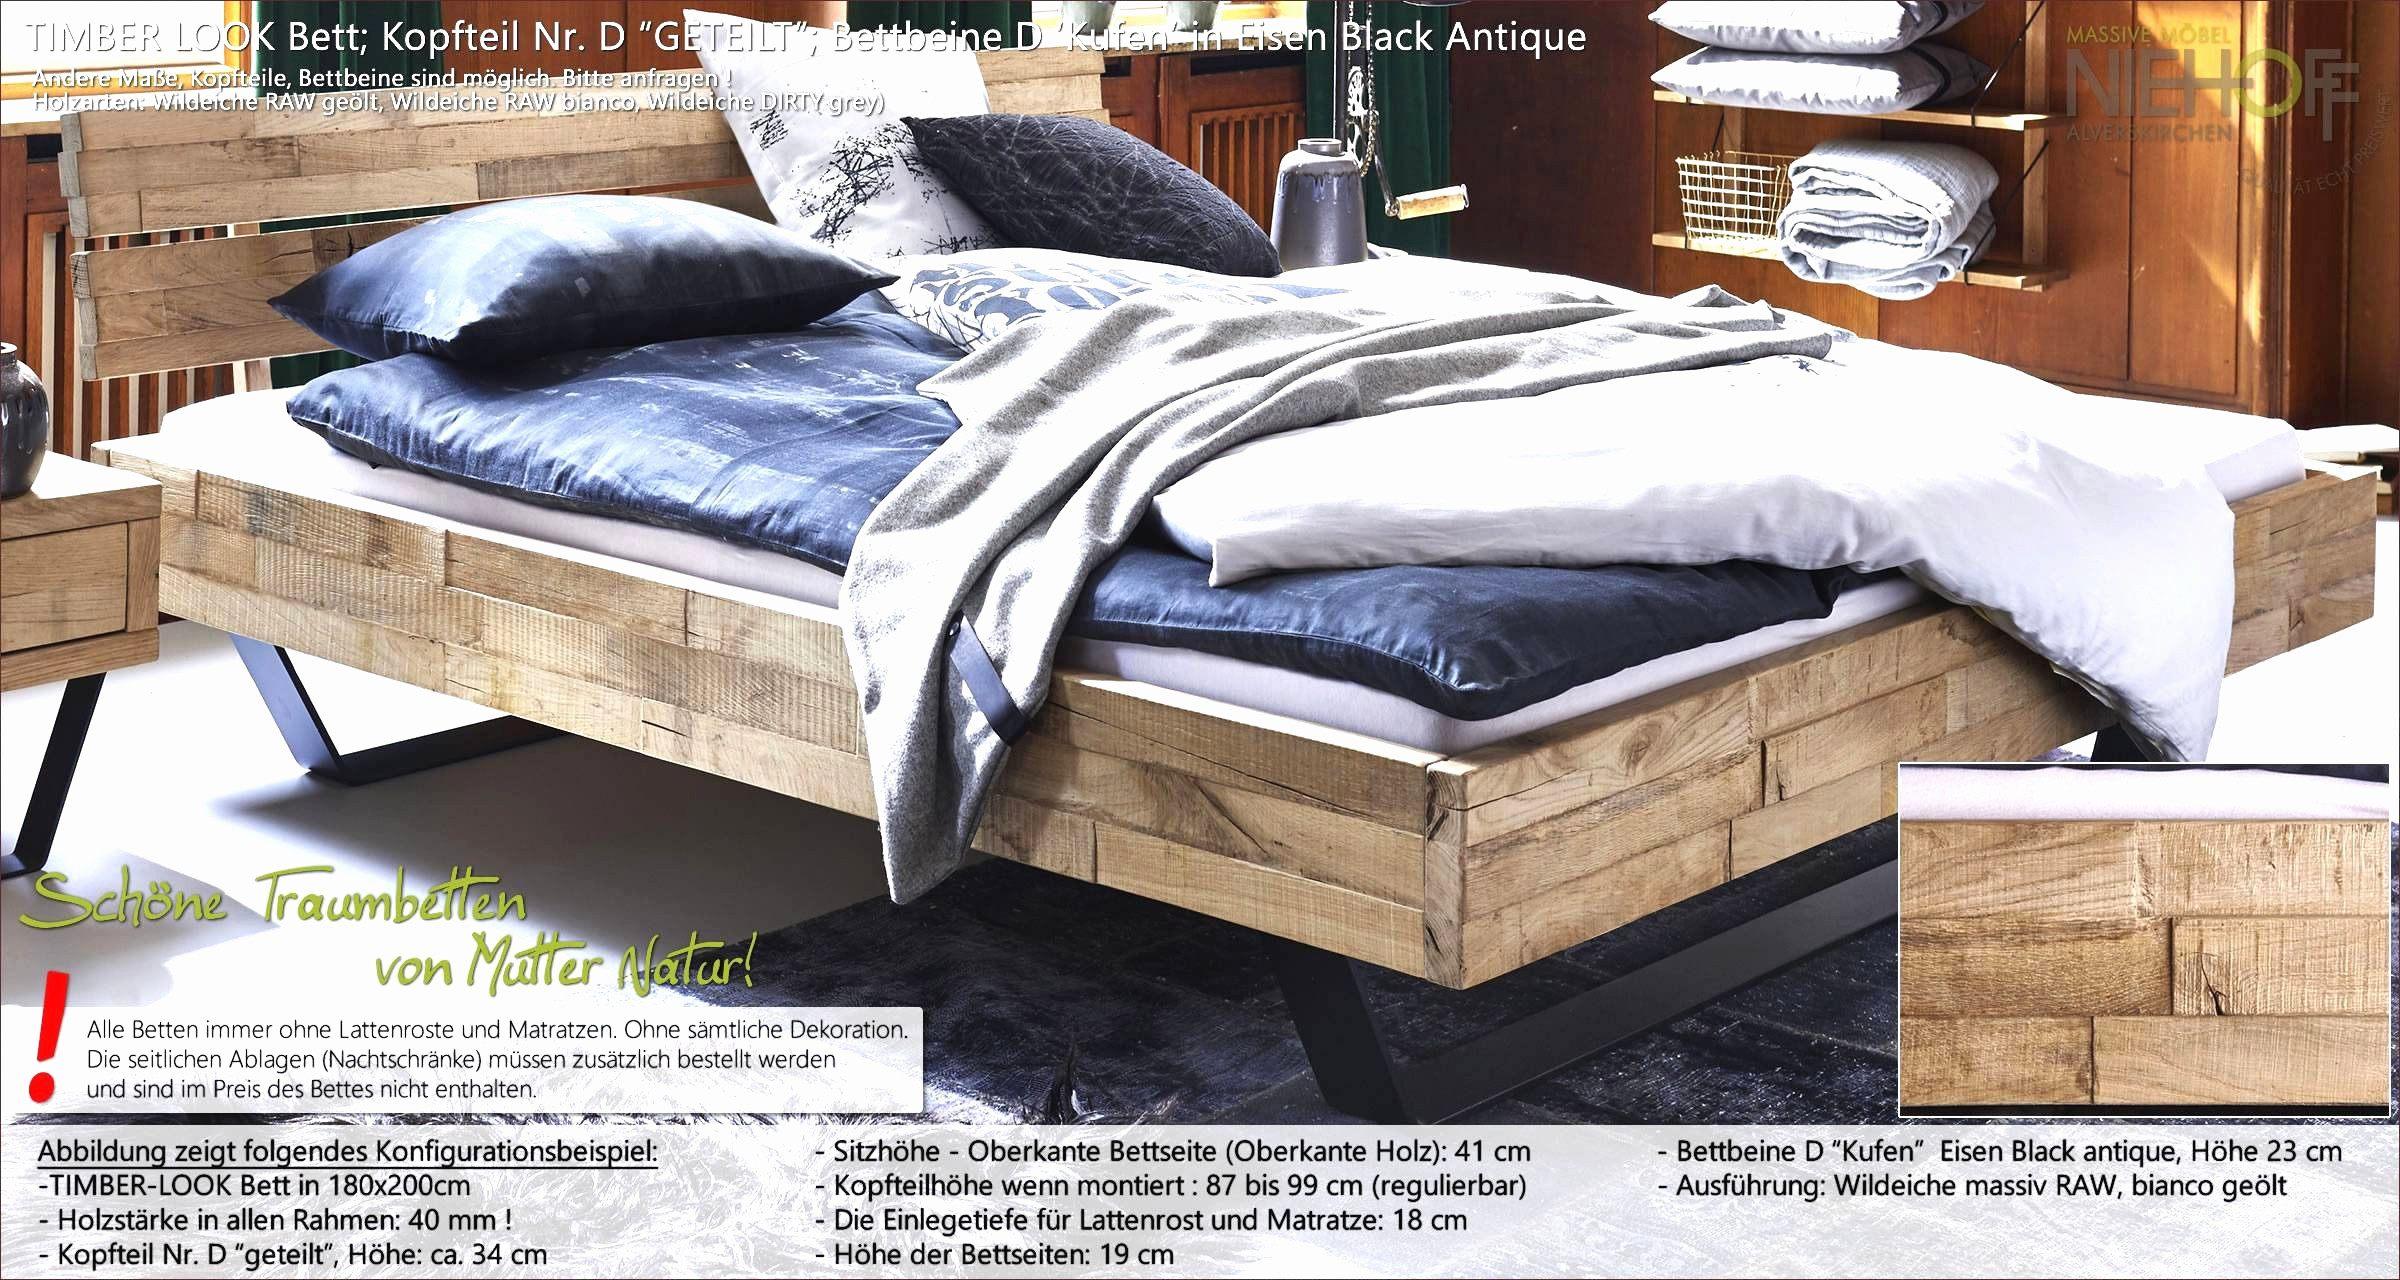 Lit Metal 160x200 Nouveau Lit Metal 160x200 Bettgestell 160—200 Komfort Neu Bett 160—200